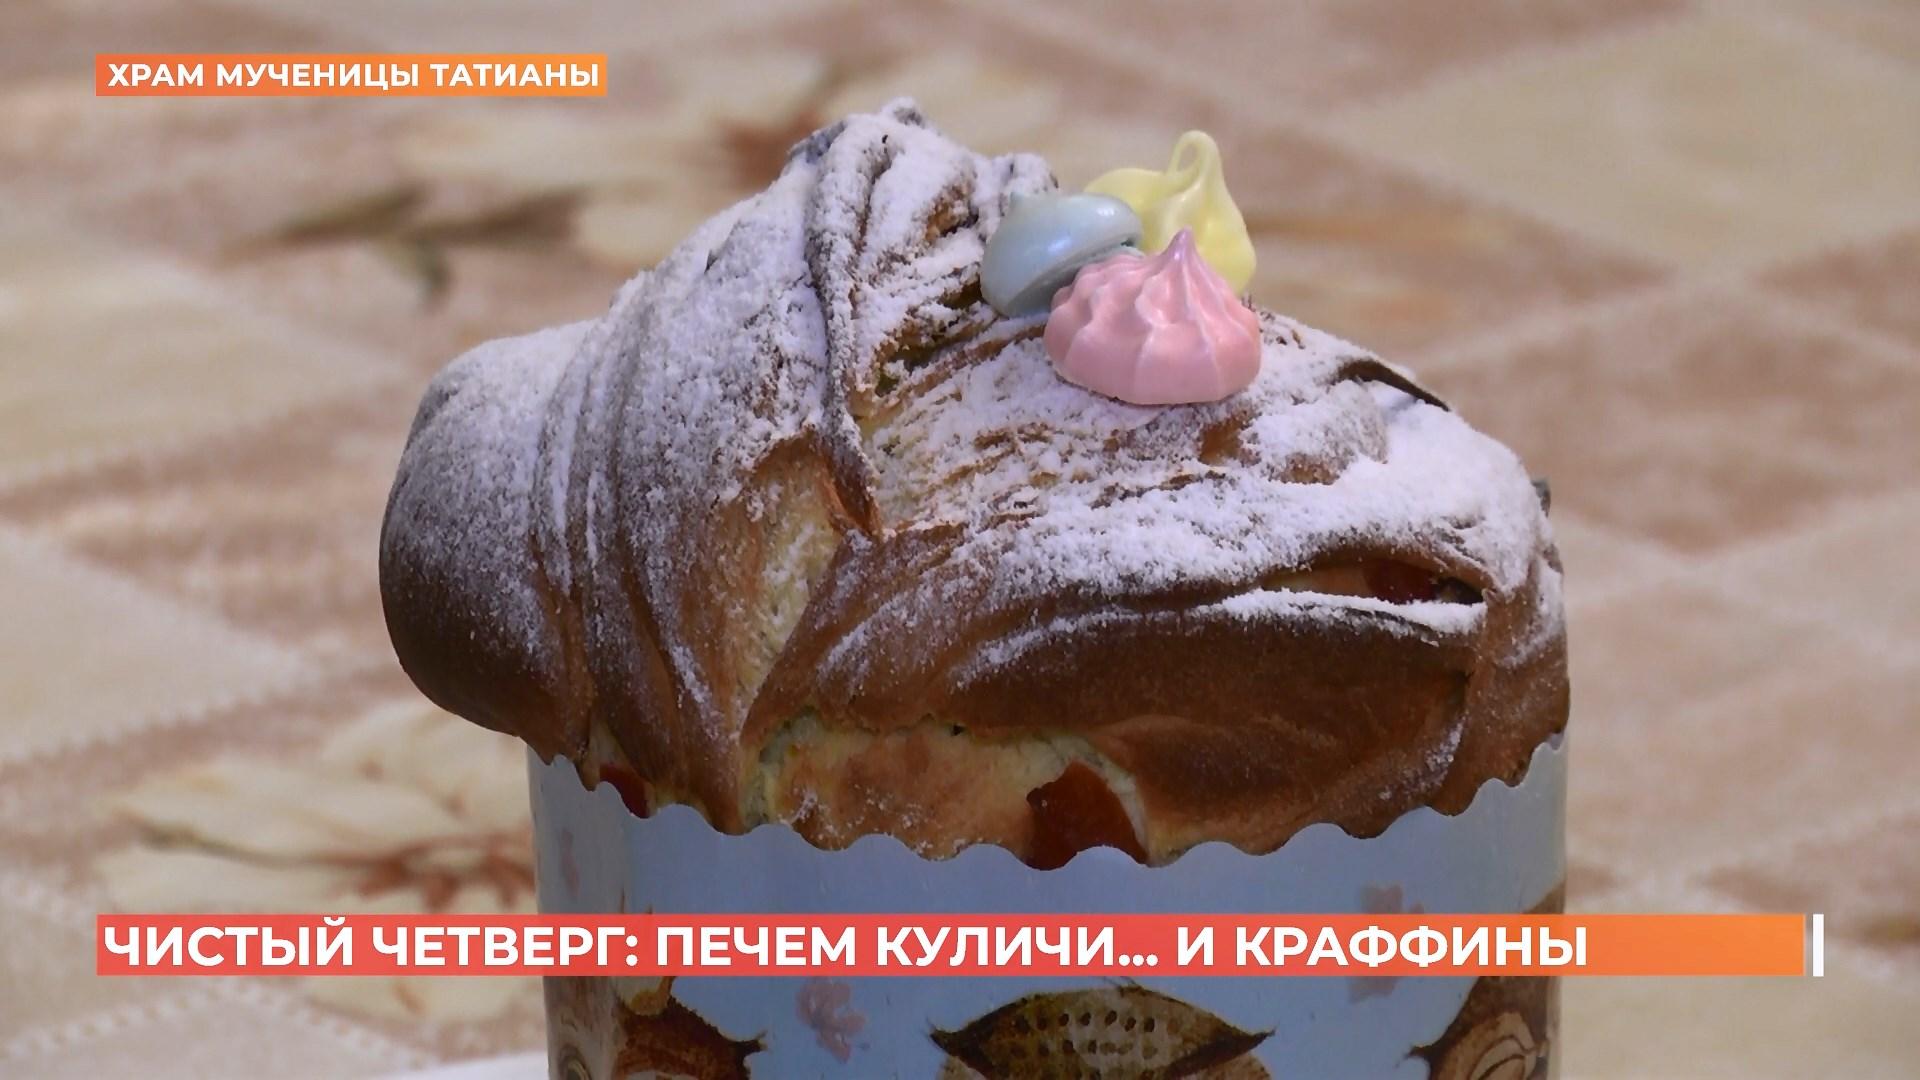 Вместо кулича — краффин: необычным пасхальным рецептом поделились в храме мученицы Татианы